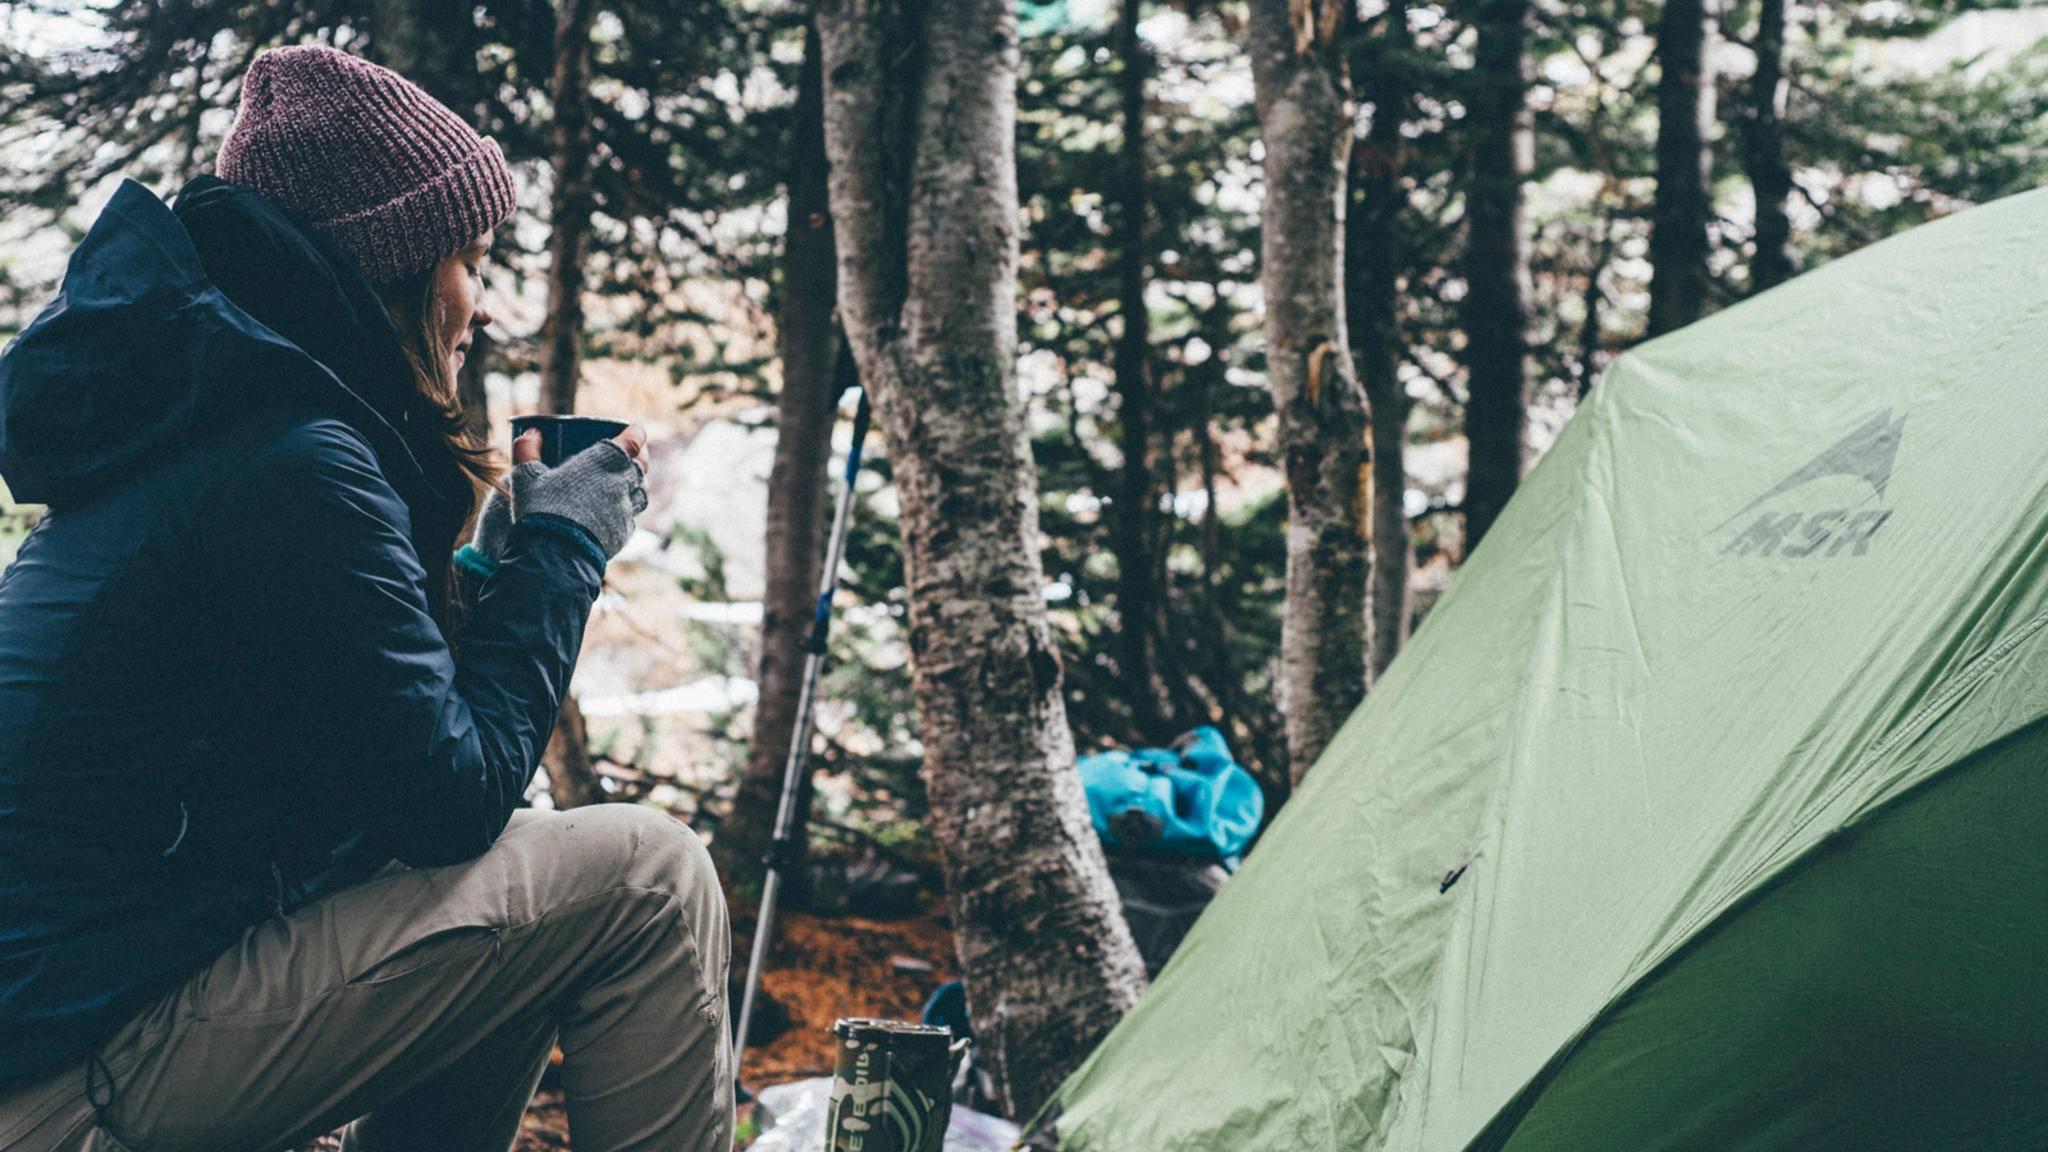 Eine heiße Tasse Kaffee beim Camping? Kein Problem!